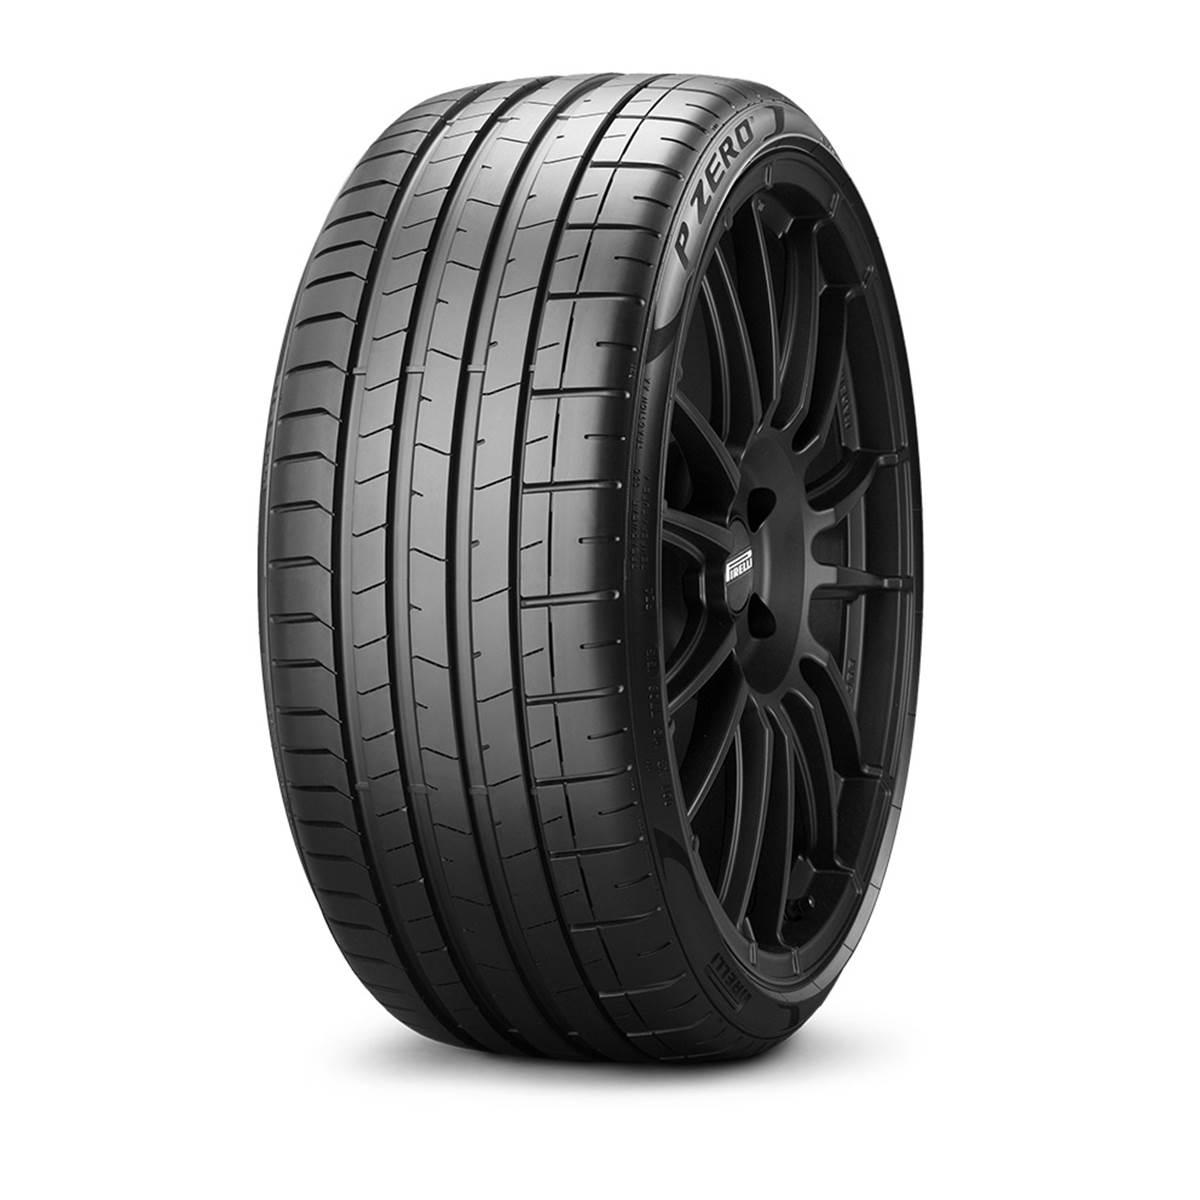 Pneu Pirelli 265/30R20 94Y Pzero XL